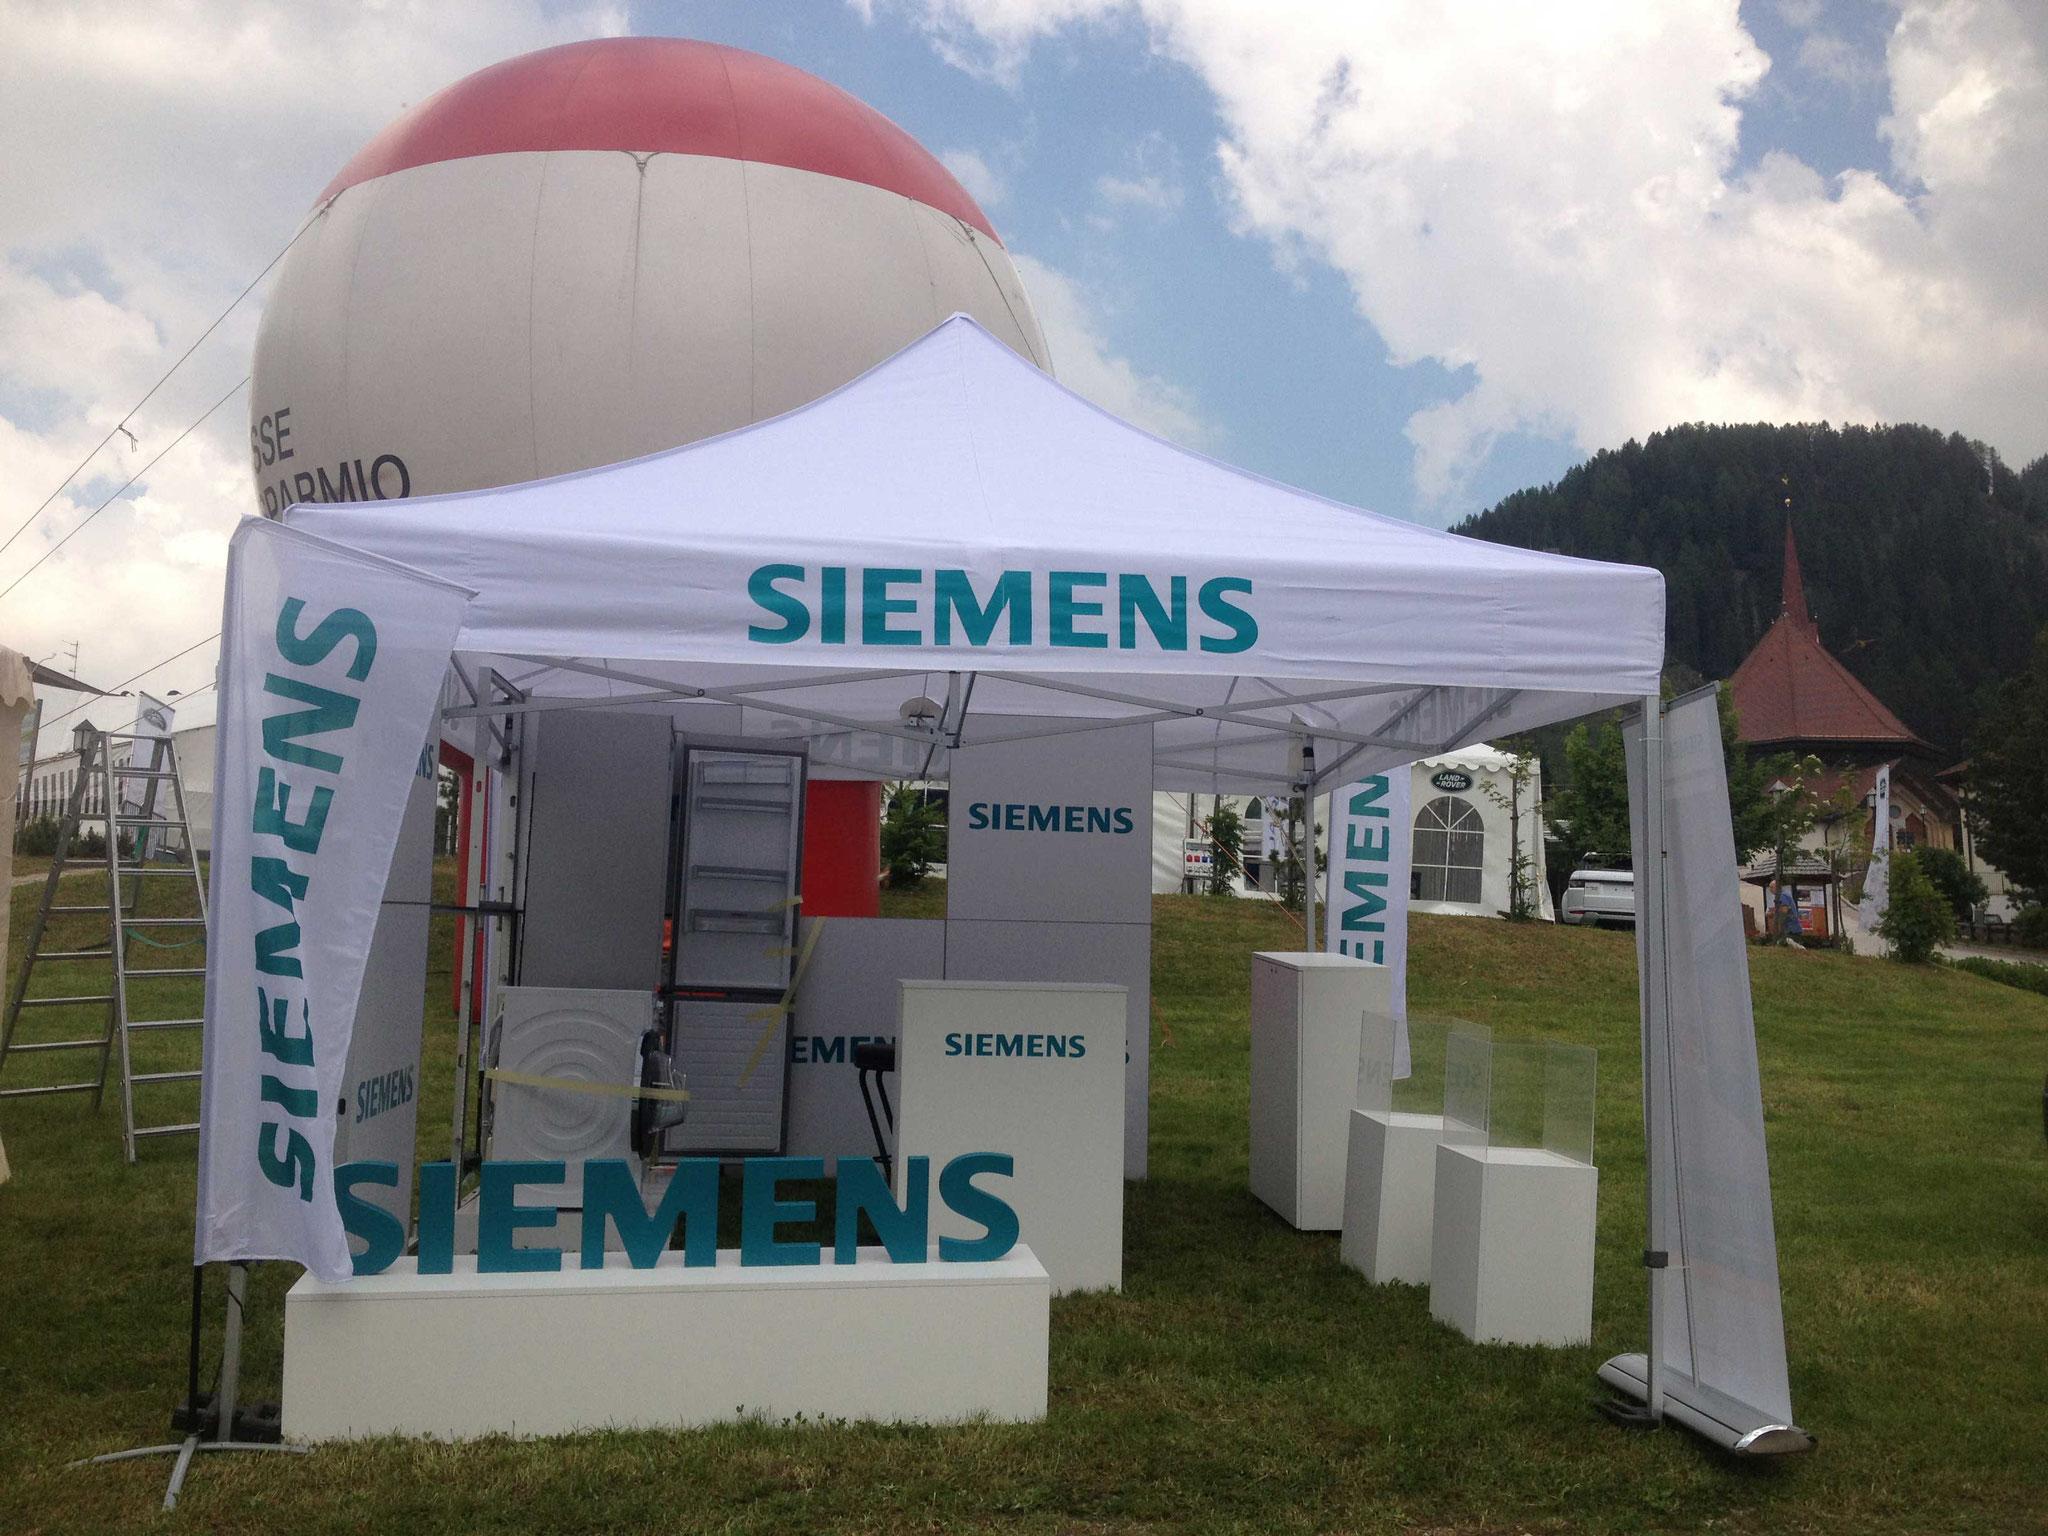 Siemens Trento